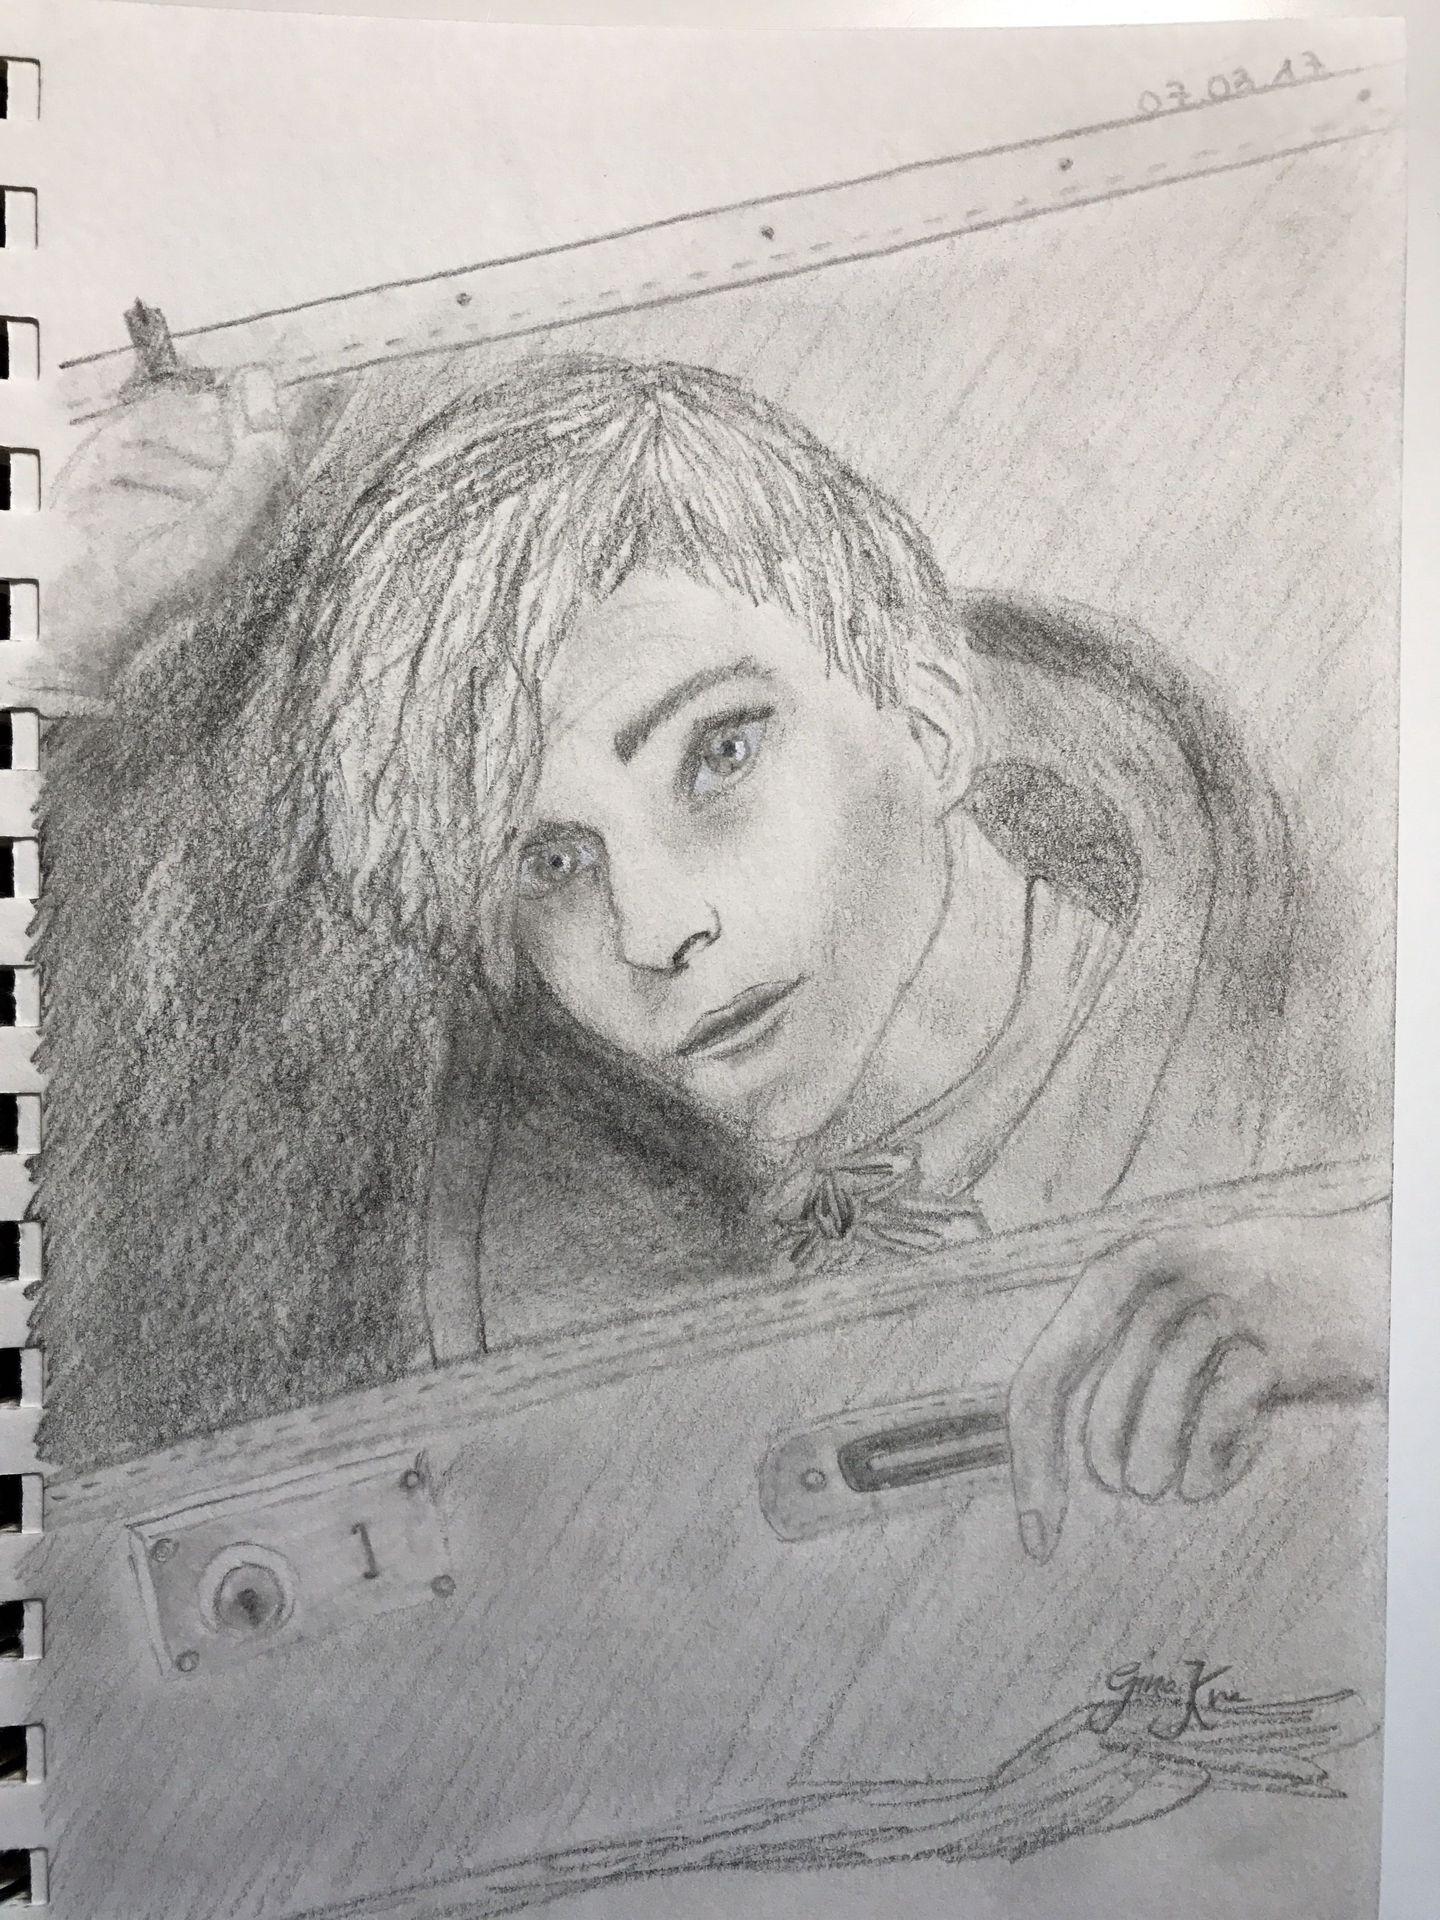 my drawings - newt scamander (harry potter) - wattpad